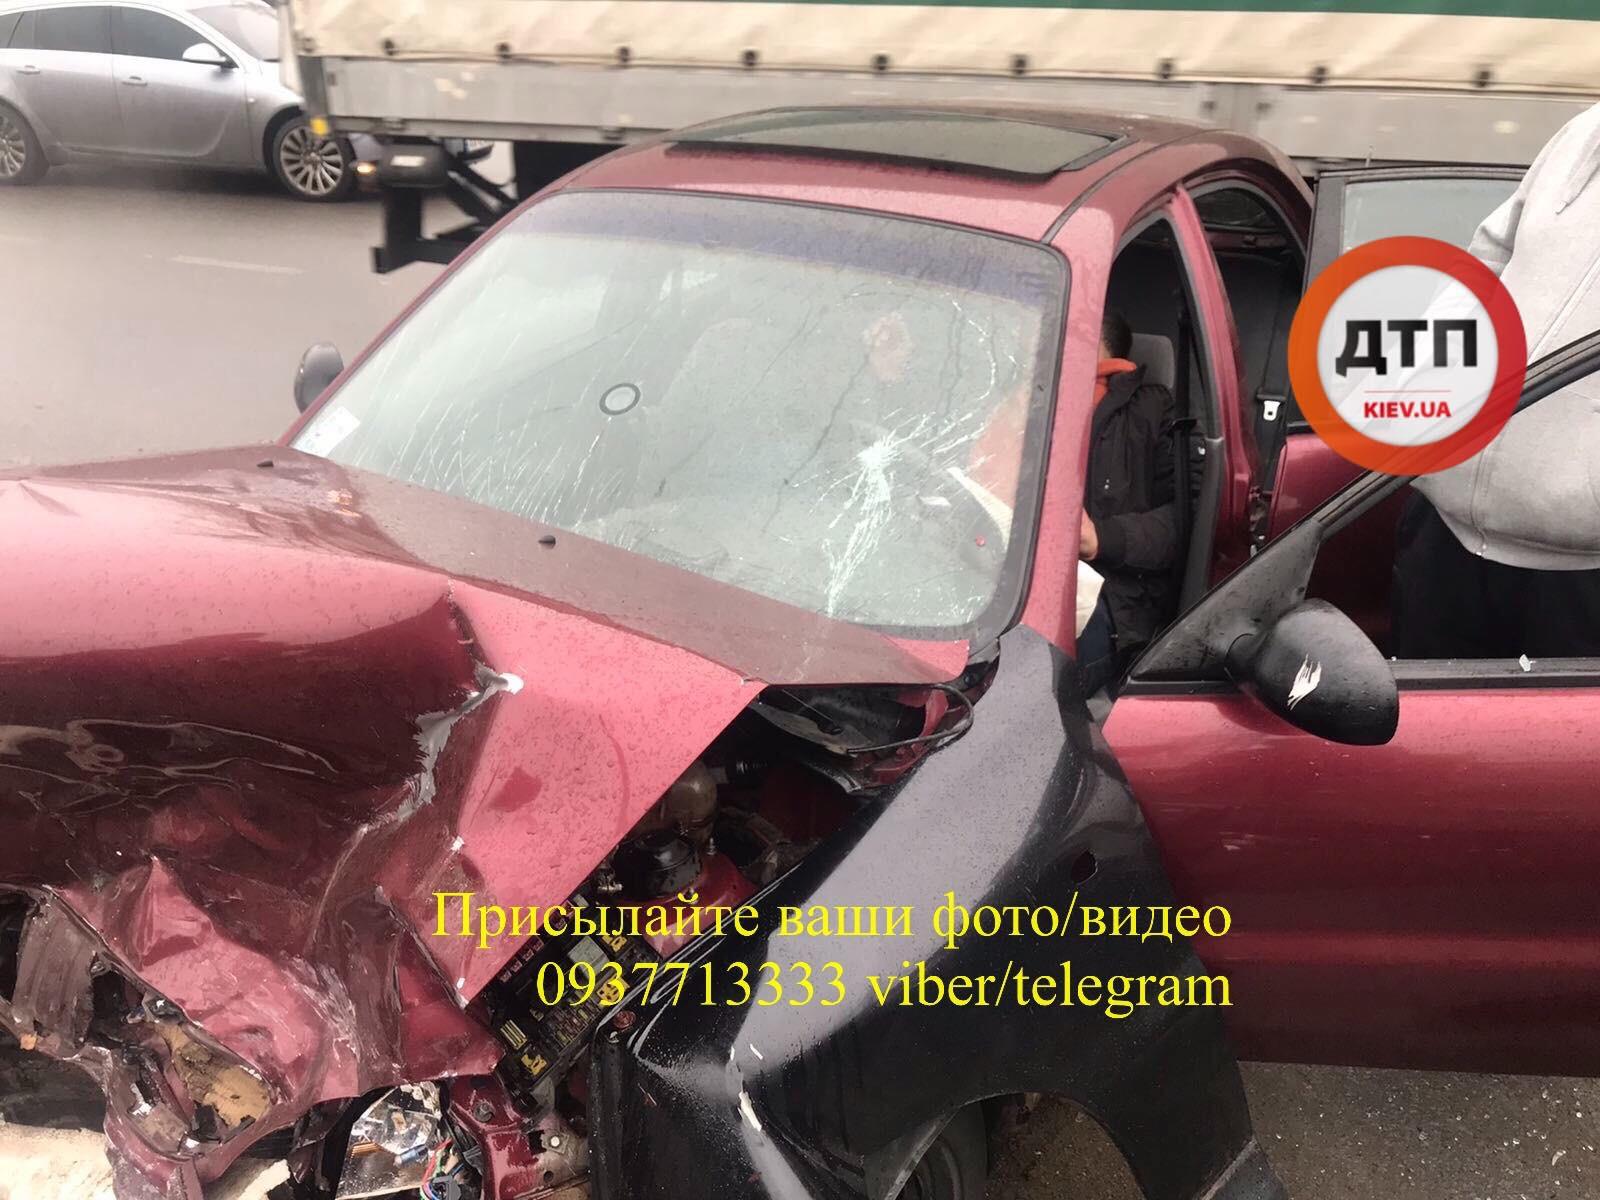 У Вишневому серйозна ДТП - пригоди, постраждалі, Вишневе - 34098EA9 A268 482D A907 AB4FCE977B75